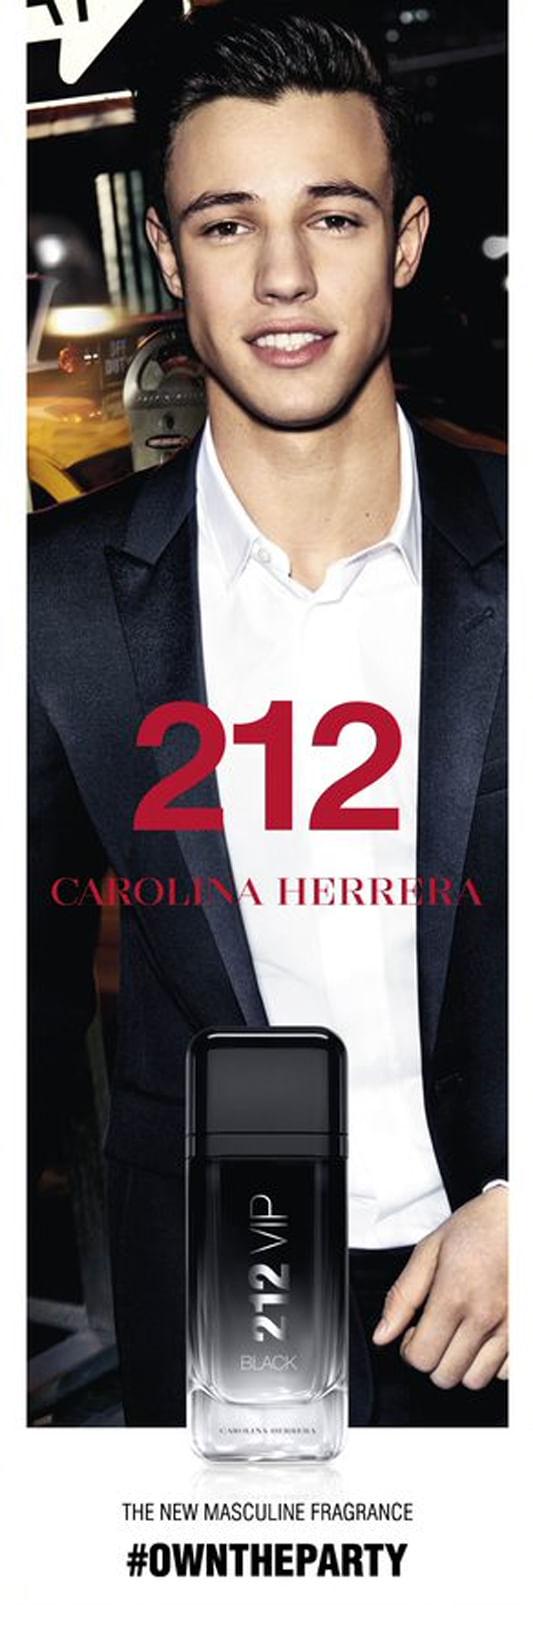 212 Vip Black Carolina Herrera - Perfume Masculino Eau de Parfum